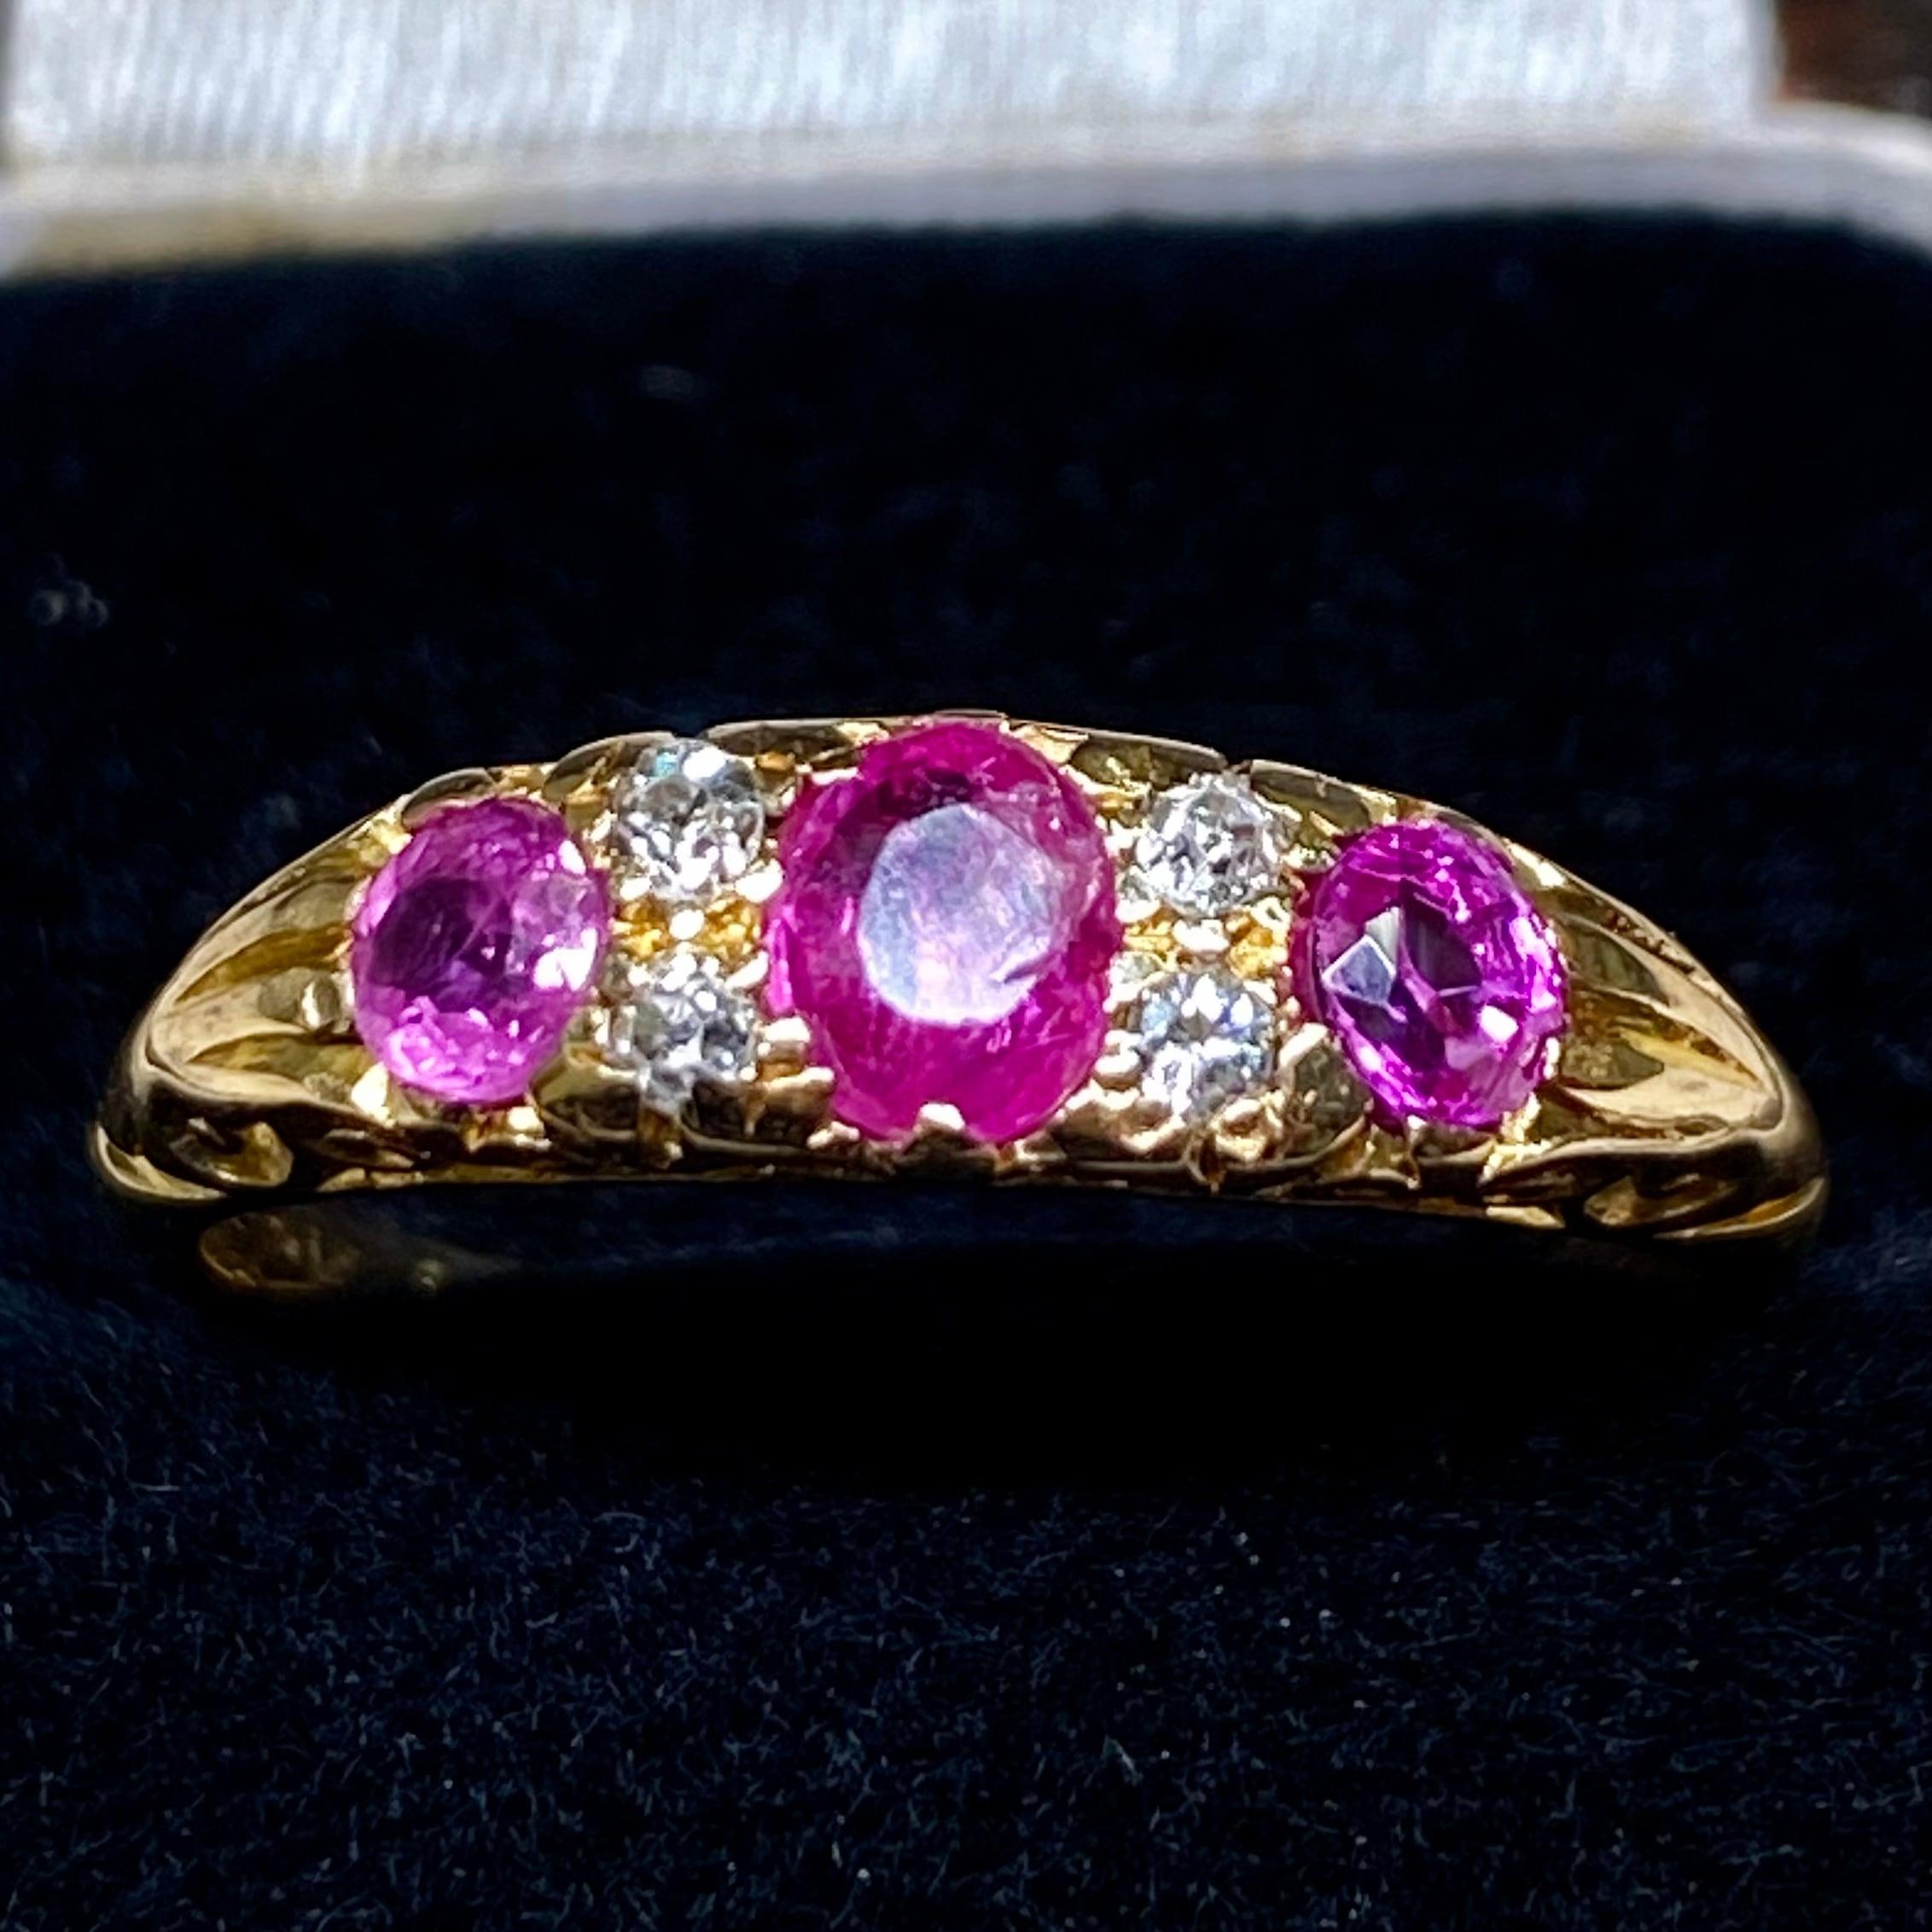 イギリス1906年製アンティークリングK18 指輪 オールドヨーロピアンカットダイヤモンド ピンクサファイアに彩雲ぽい光✨